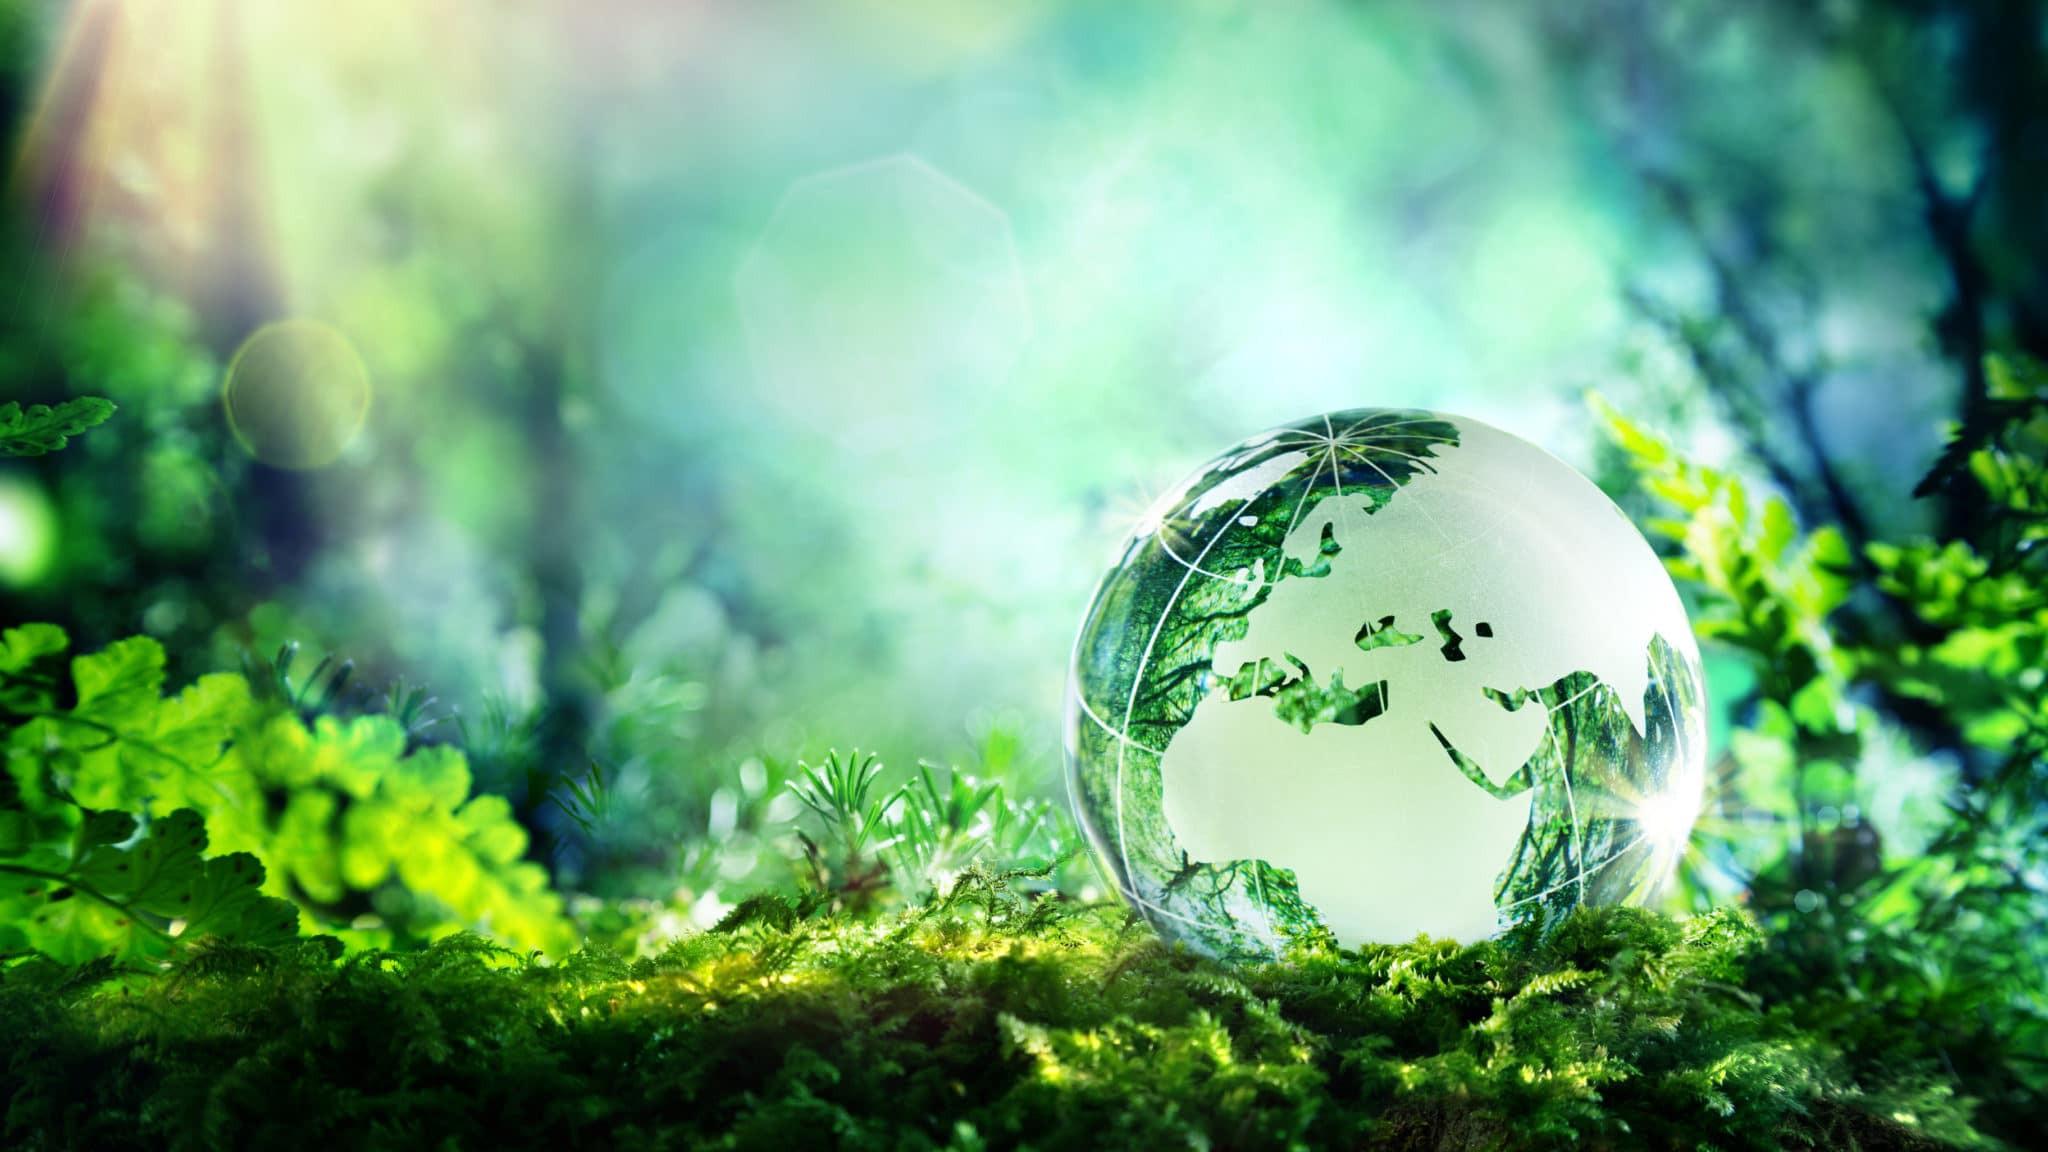 Neuer Nachhaltigkeitsbericht des Verkabelungsherstellers R&M publiziert. Pandemie-Jahr solide gemeistert. Nur wenige Covid-19-Fälle. Weniger Verpackungen und Transporte.